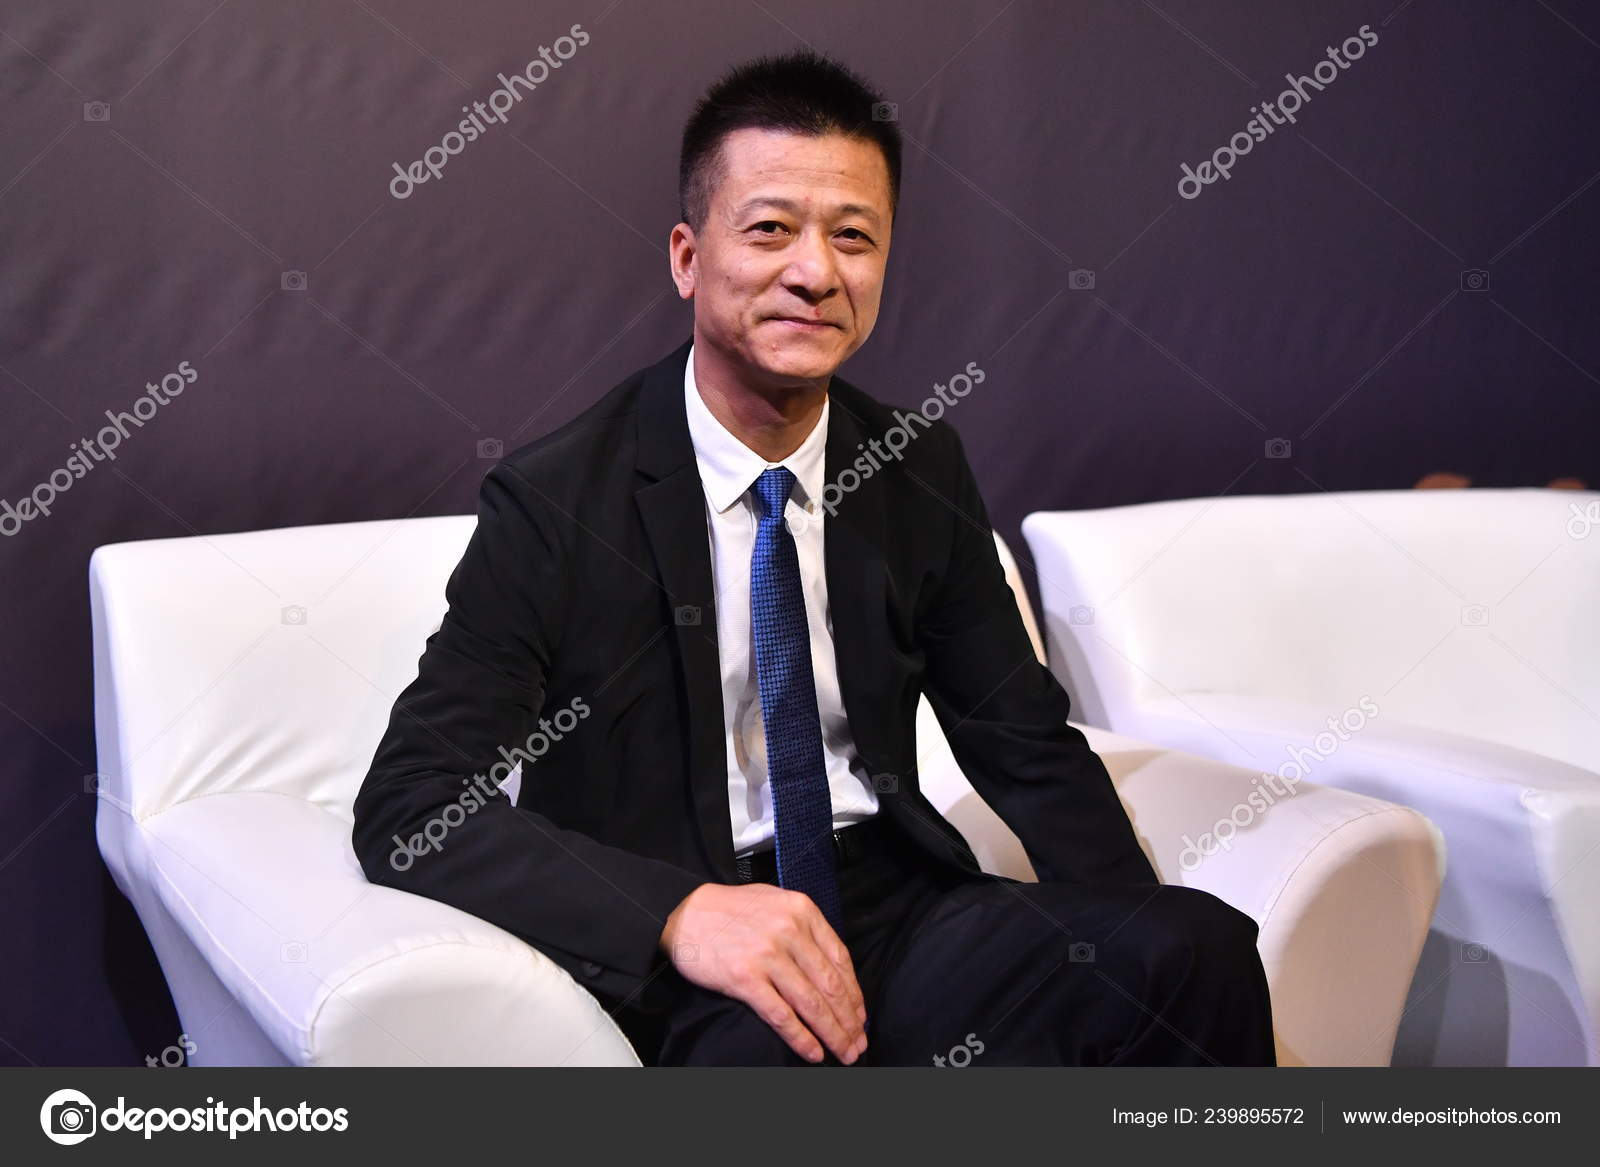 ca5436d13 Shu Yuhui Founder Chairman Quanjian Group Attends Award Ceremony ...